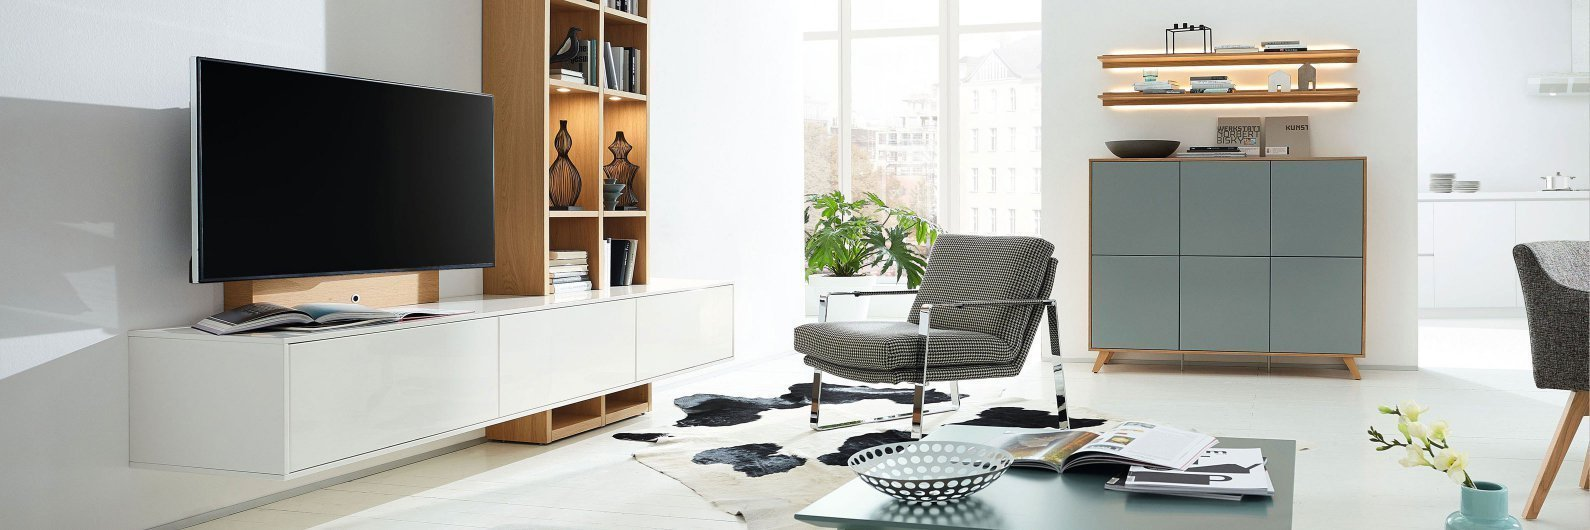 Rietberger Mobelwerke Modelle Mobel Letz Ihr Einrichtungsexperte